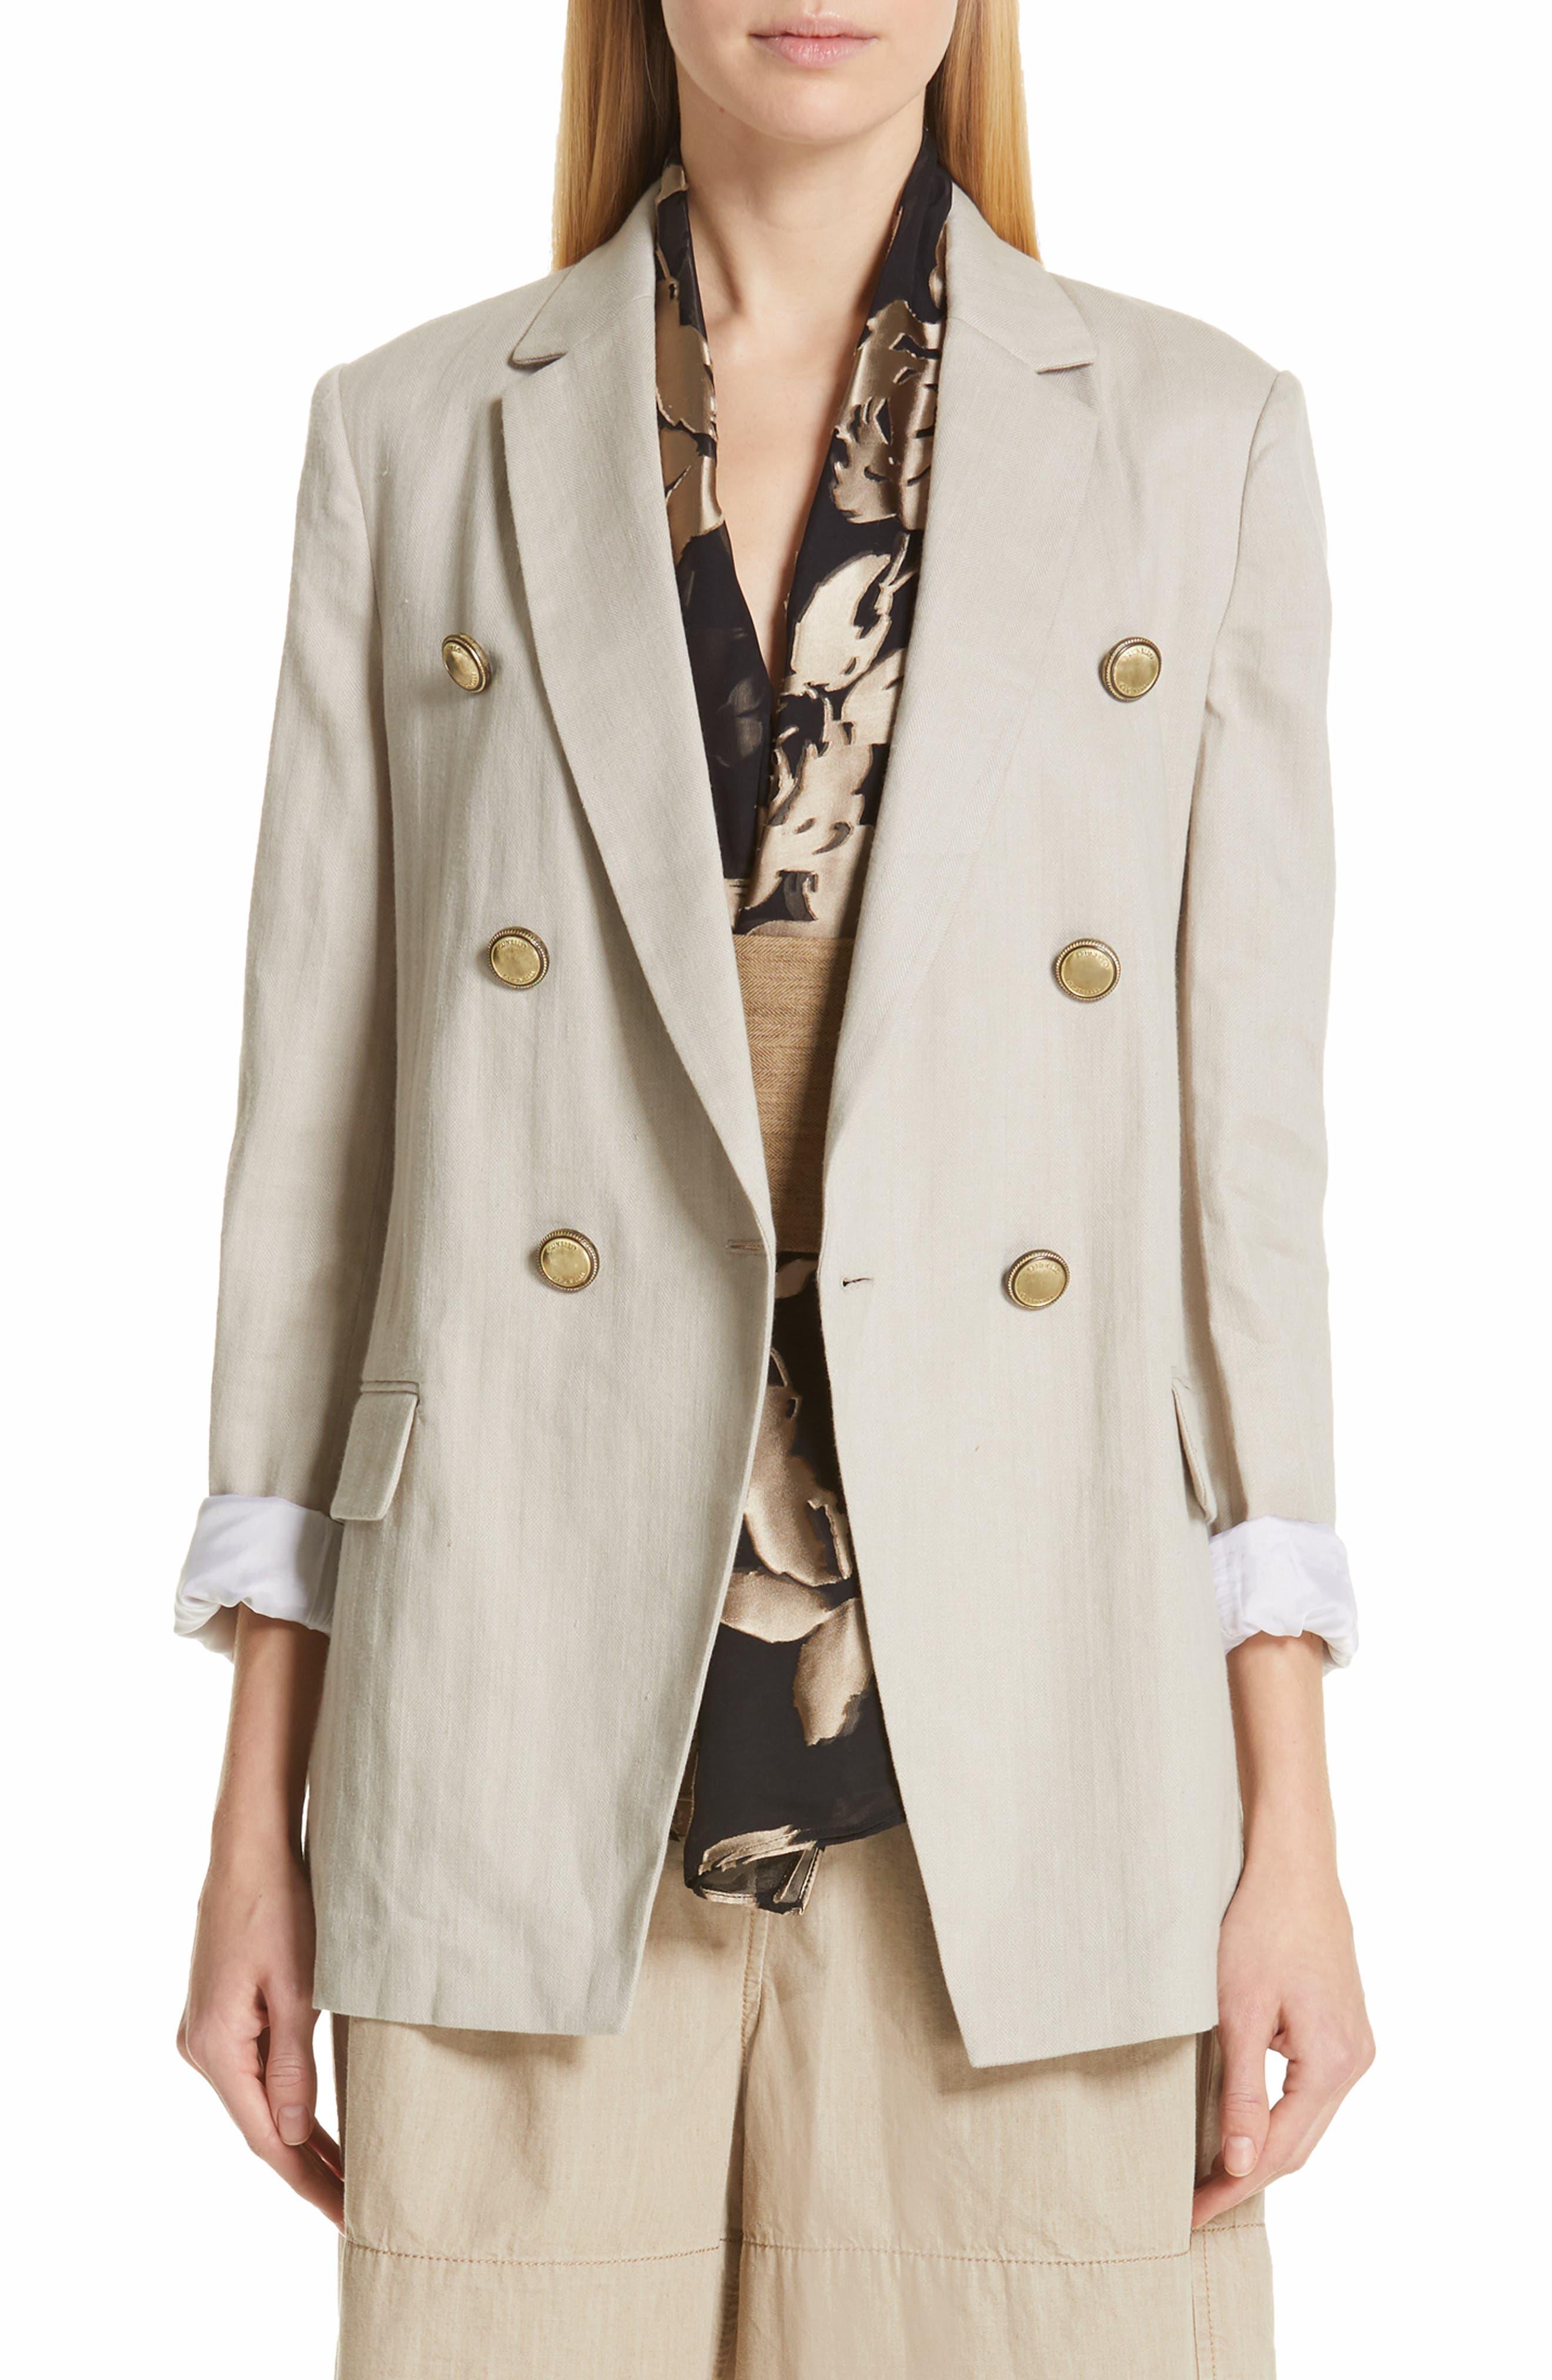 Chevron Weave Cotton & Linen Jacket,                             Main thumbnail 1, color,                             DESERT